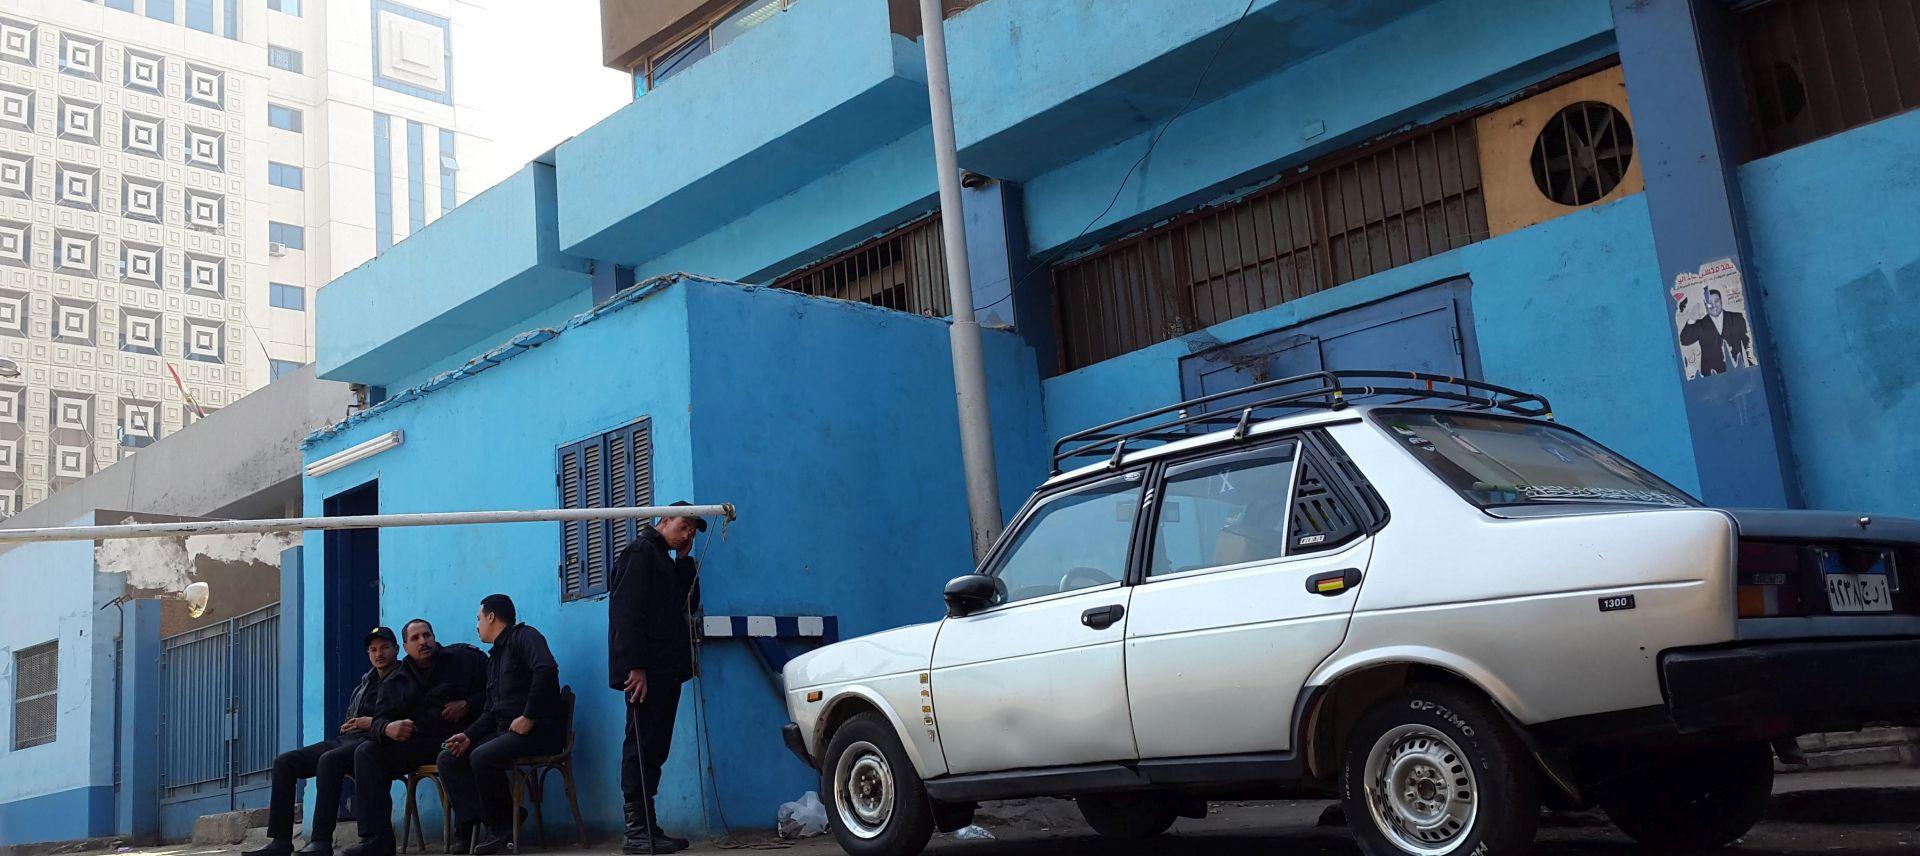 POKRENUTA ISTRAGA: Nestali talijanski student pronađen mrtav u Kairu